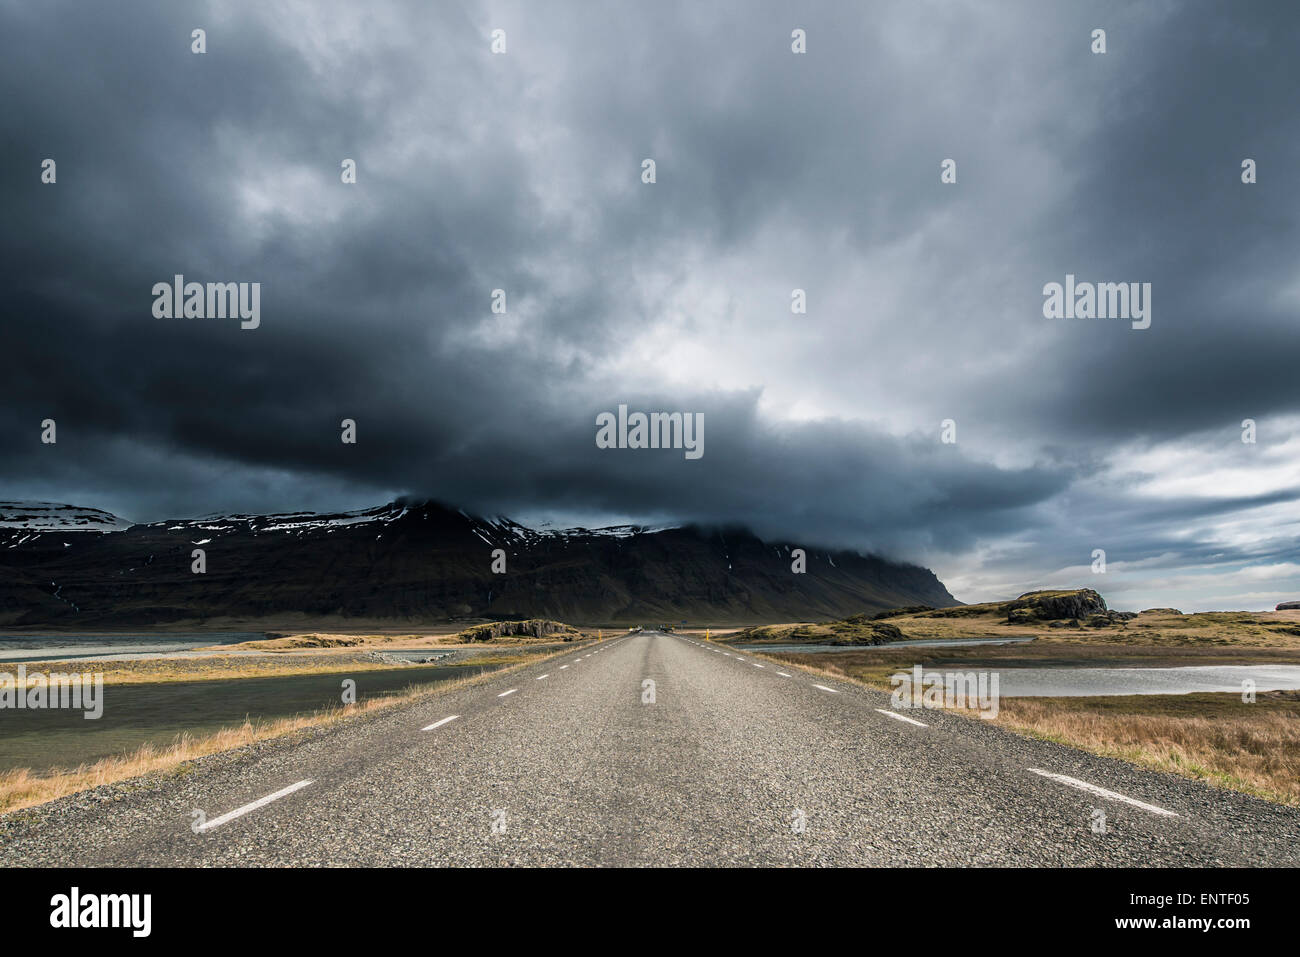 En un viaje por carretera a través de una carretera recta, Breidamerkursandur vacía, en el sur de Islandia Imagen De Stock